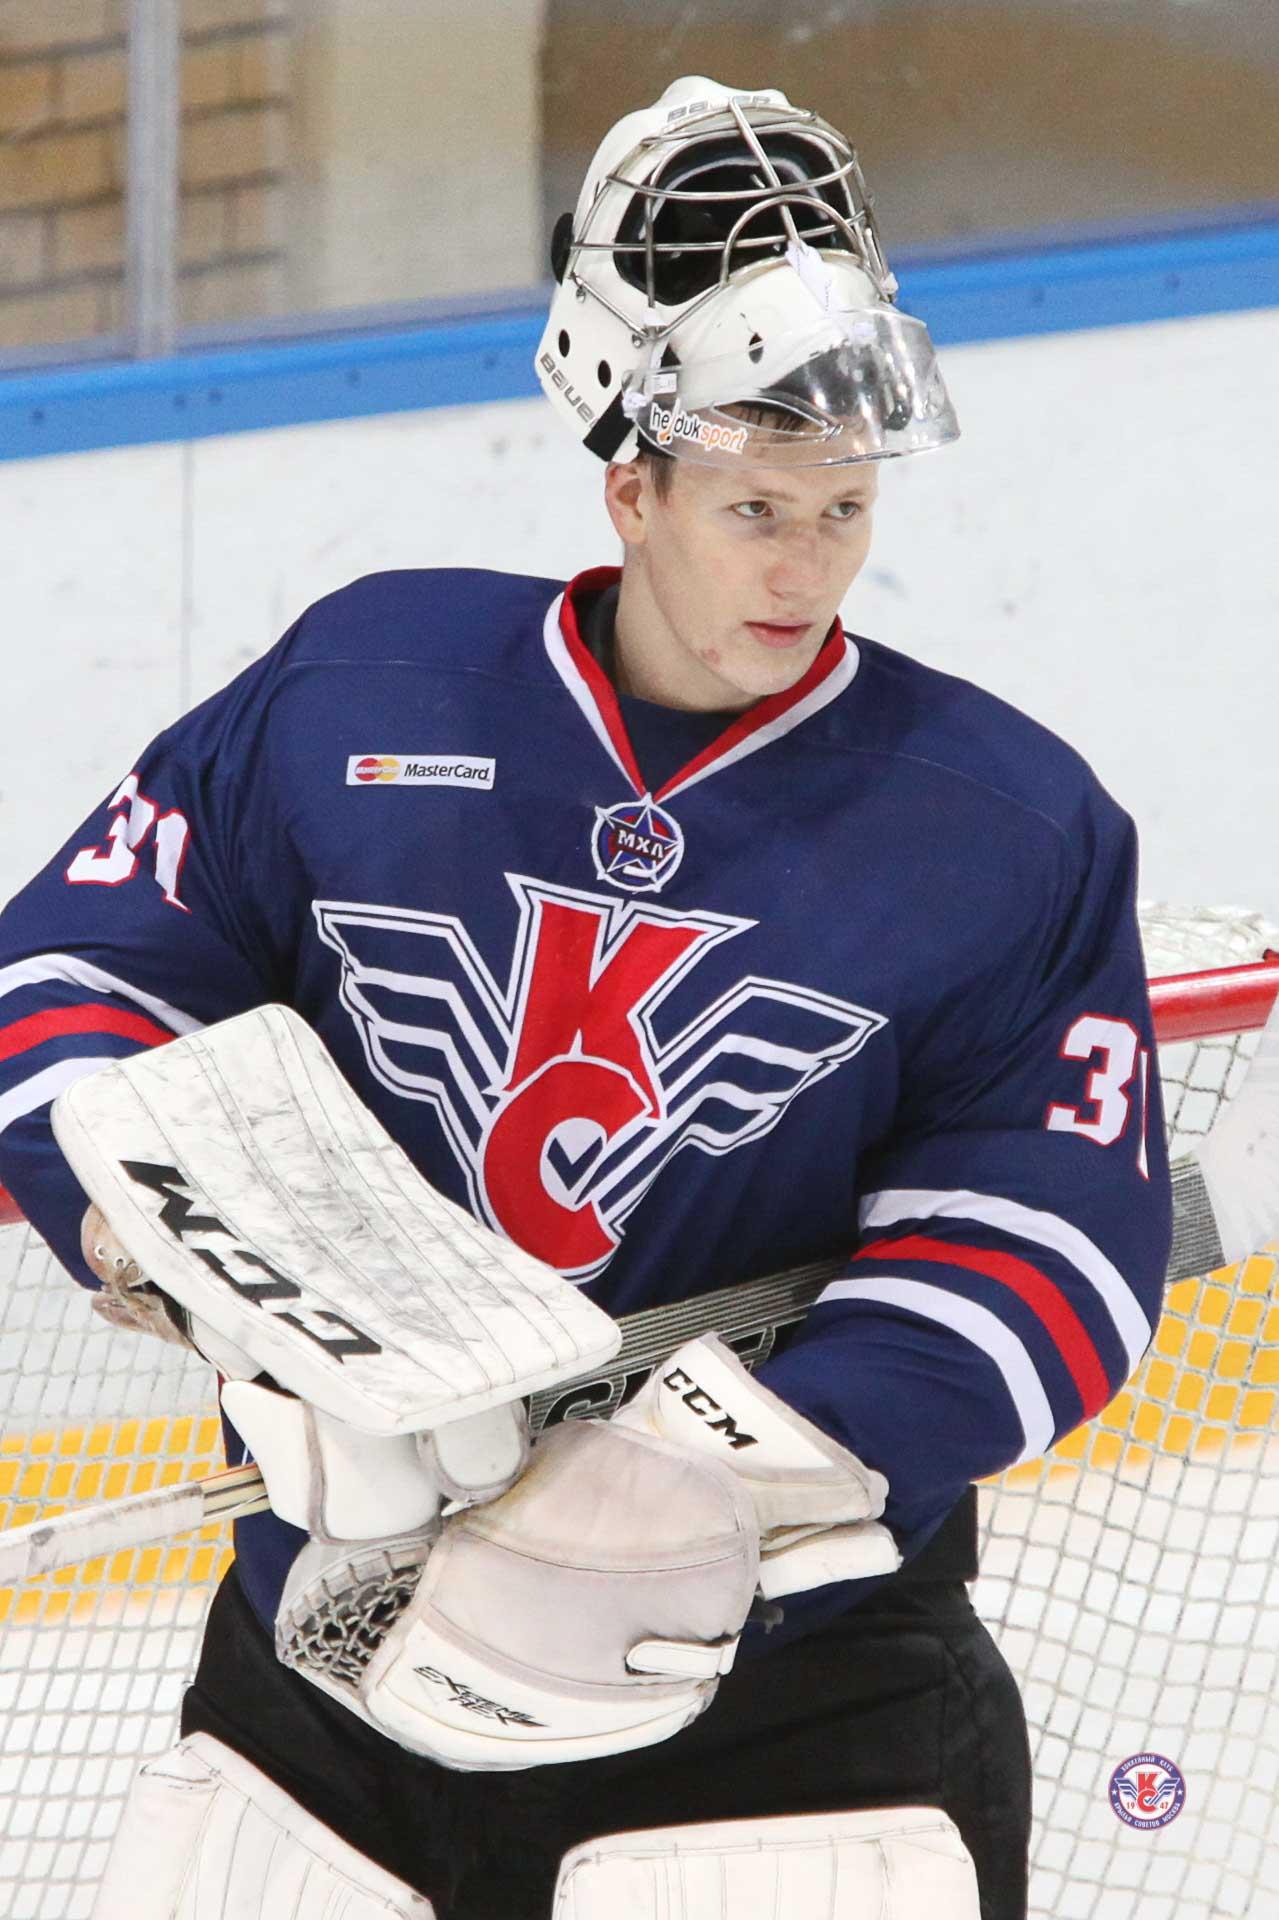 Иван Клейменов хоккеист